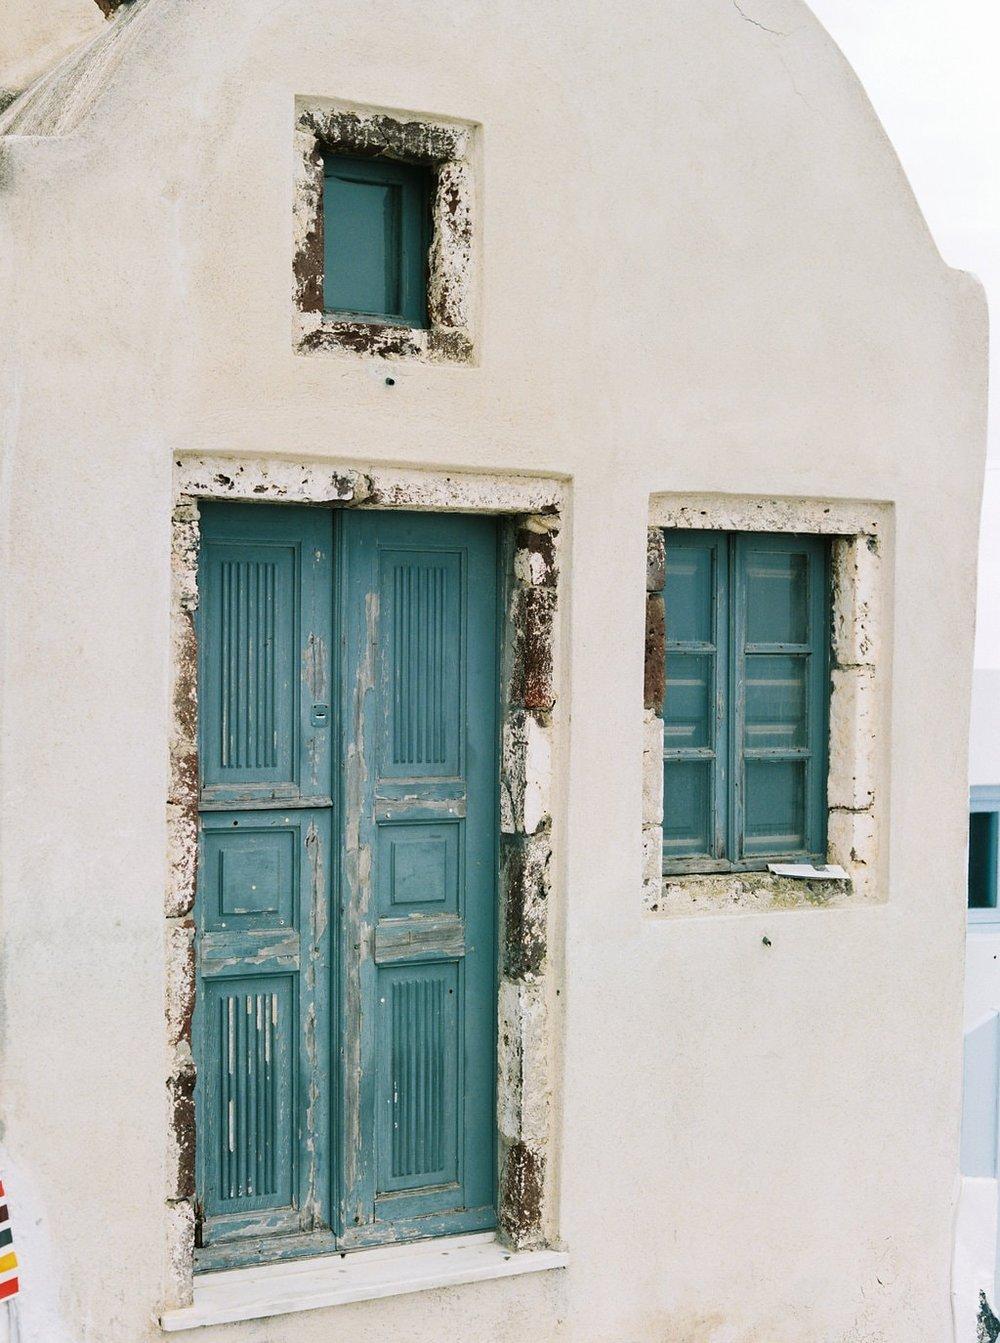 Santorini30thBirthday-011-min.jpg